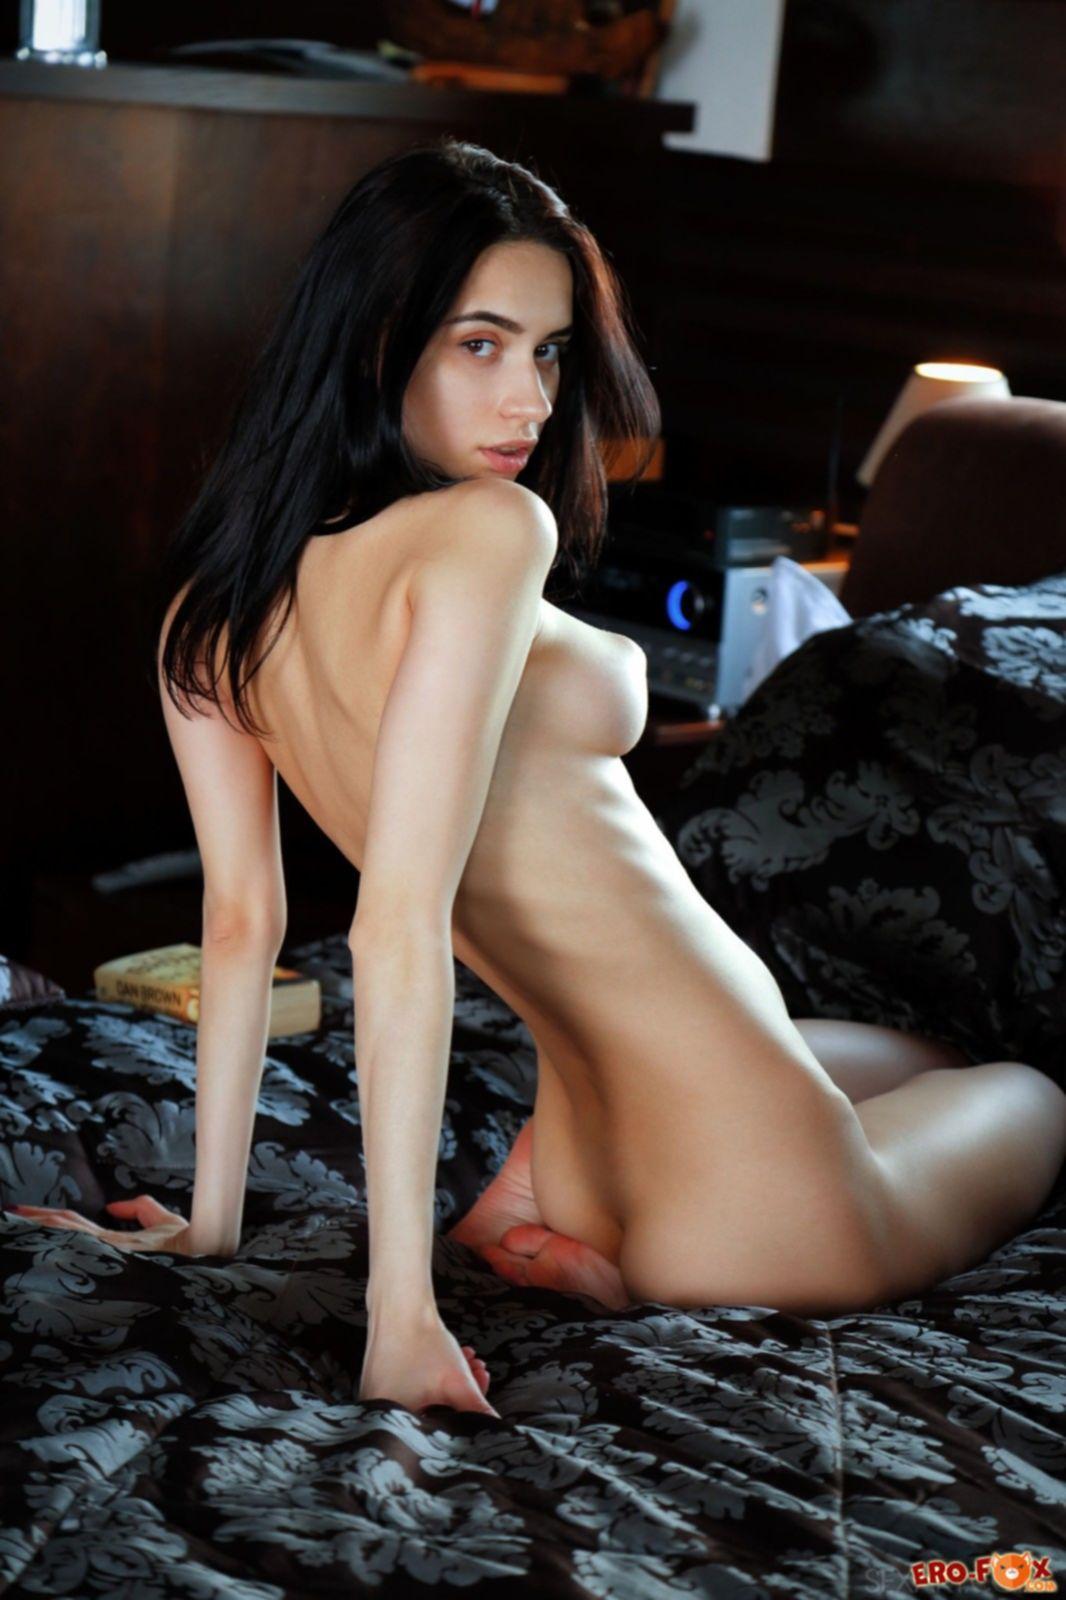 Худая брюнетка трогает бритую письку на кровати - фото